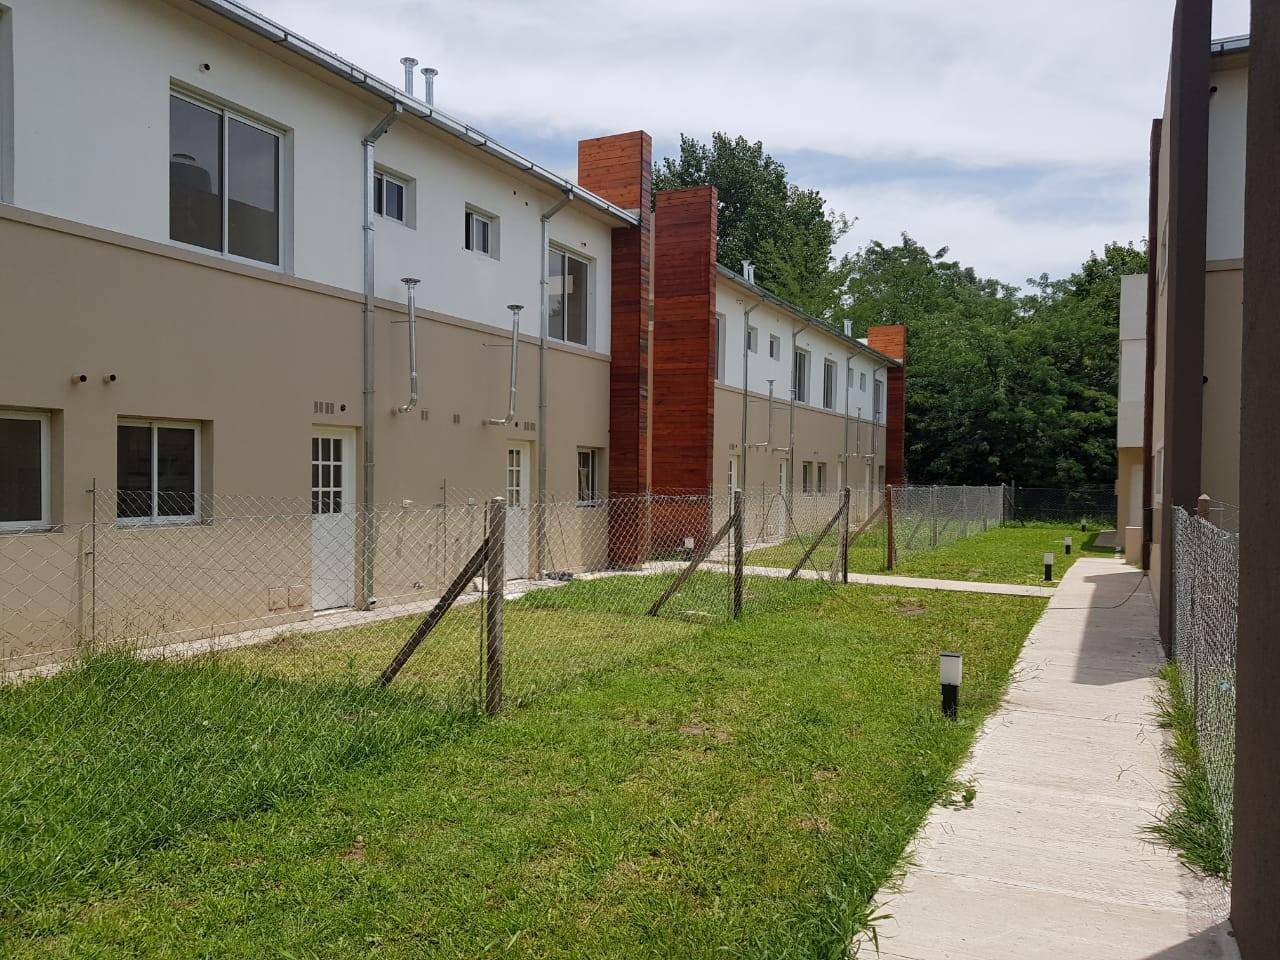 Mono ambiente con patio  en Venta - Complejo Cerrado (Muñiz Joven)